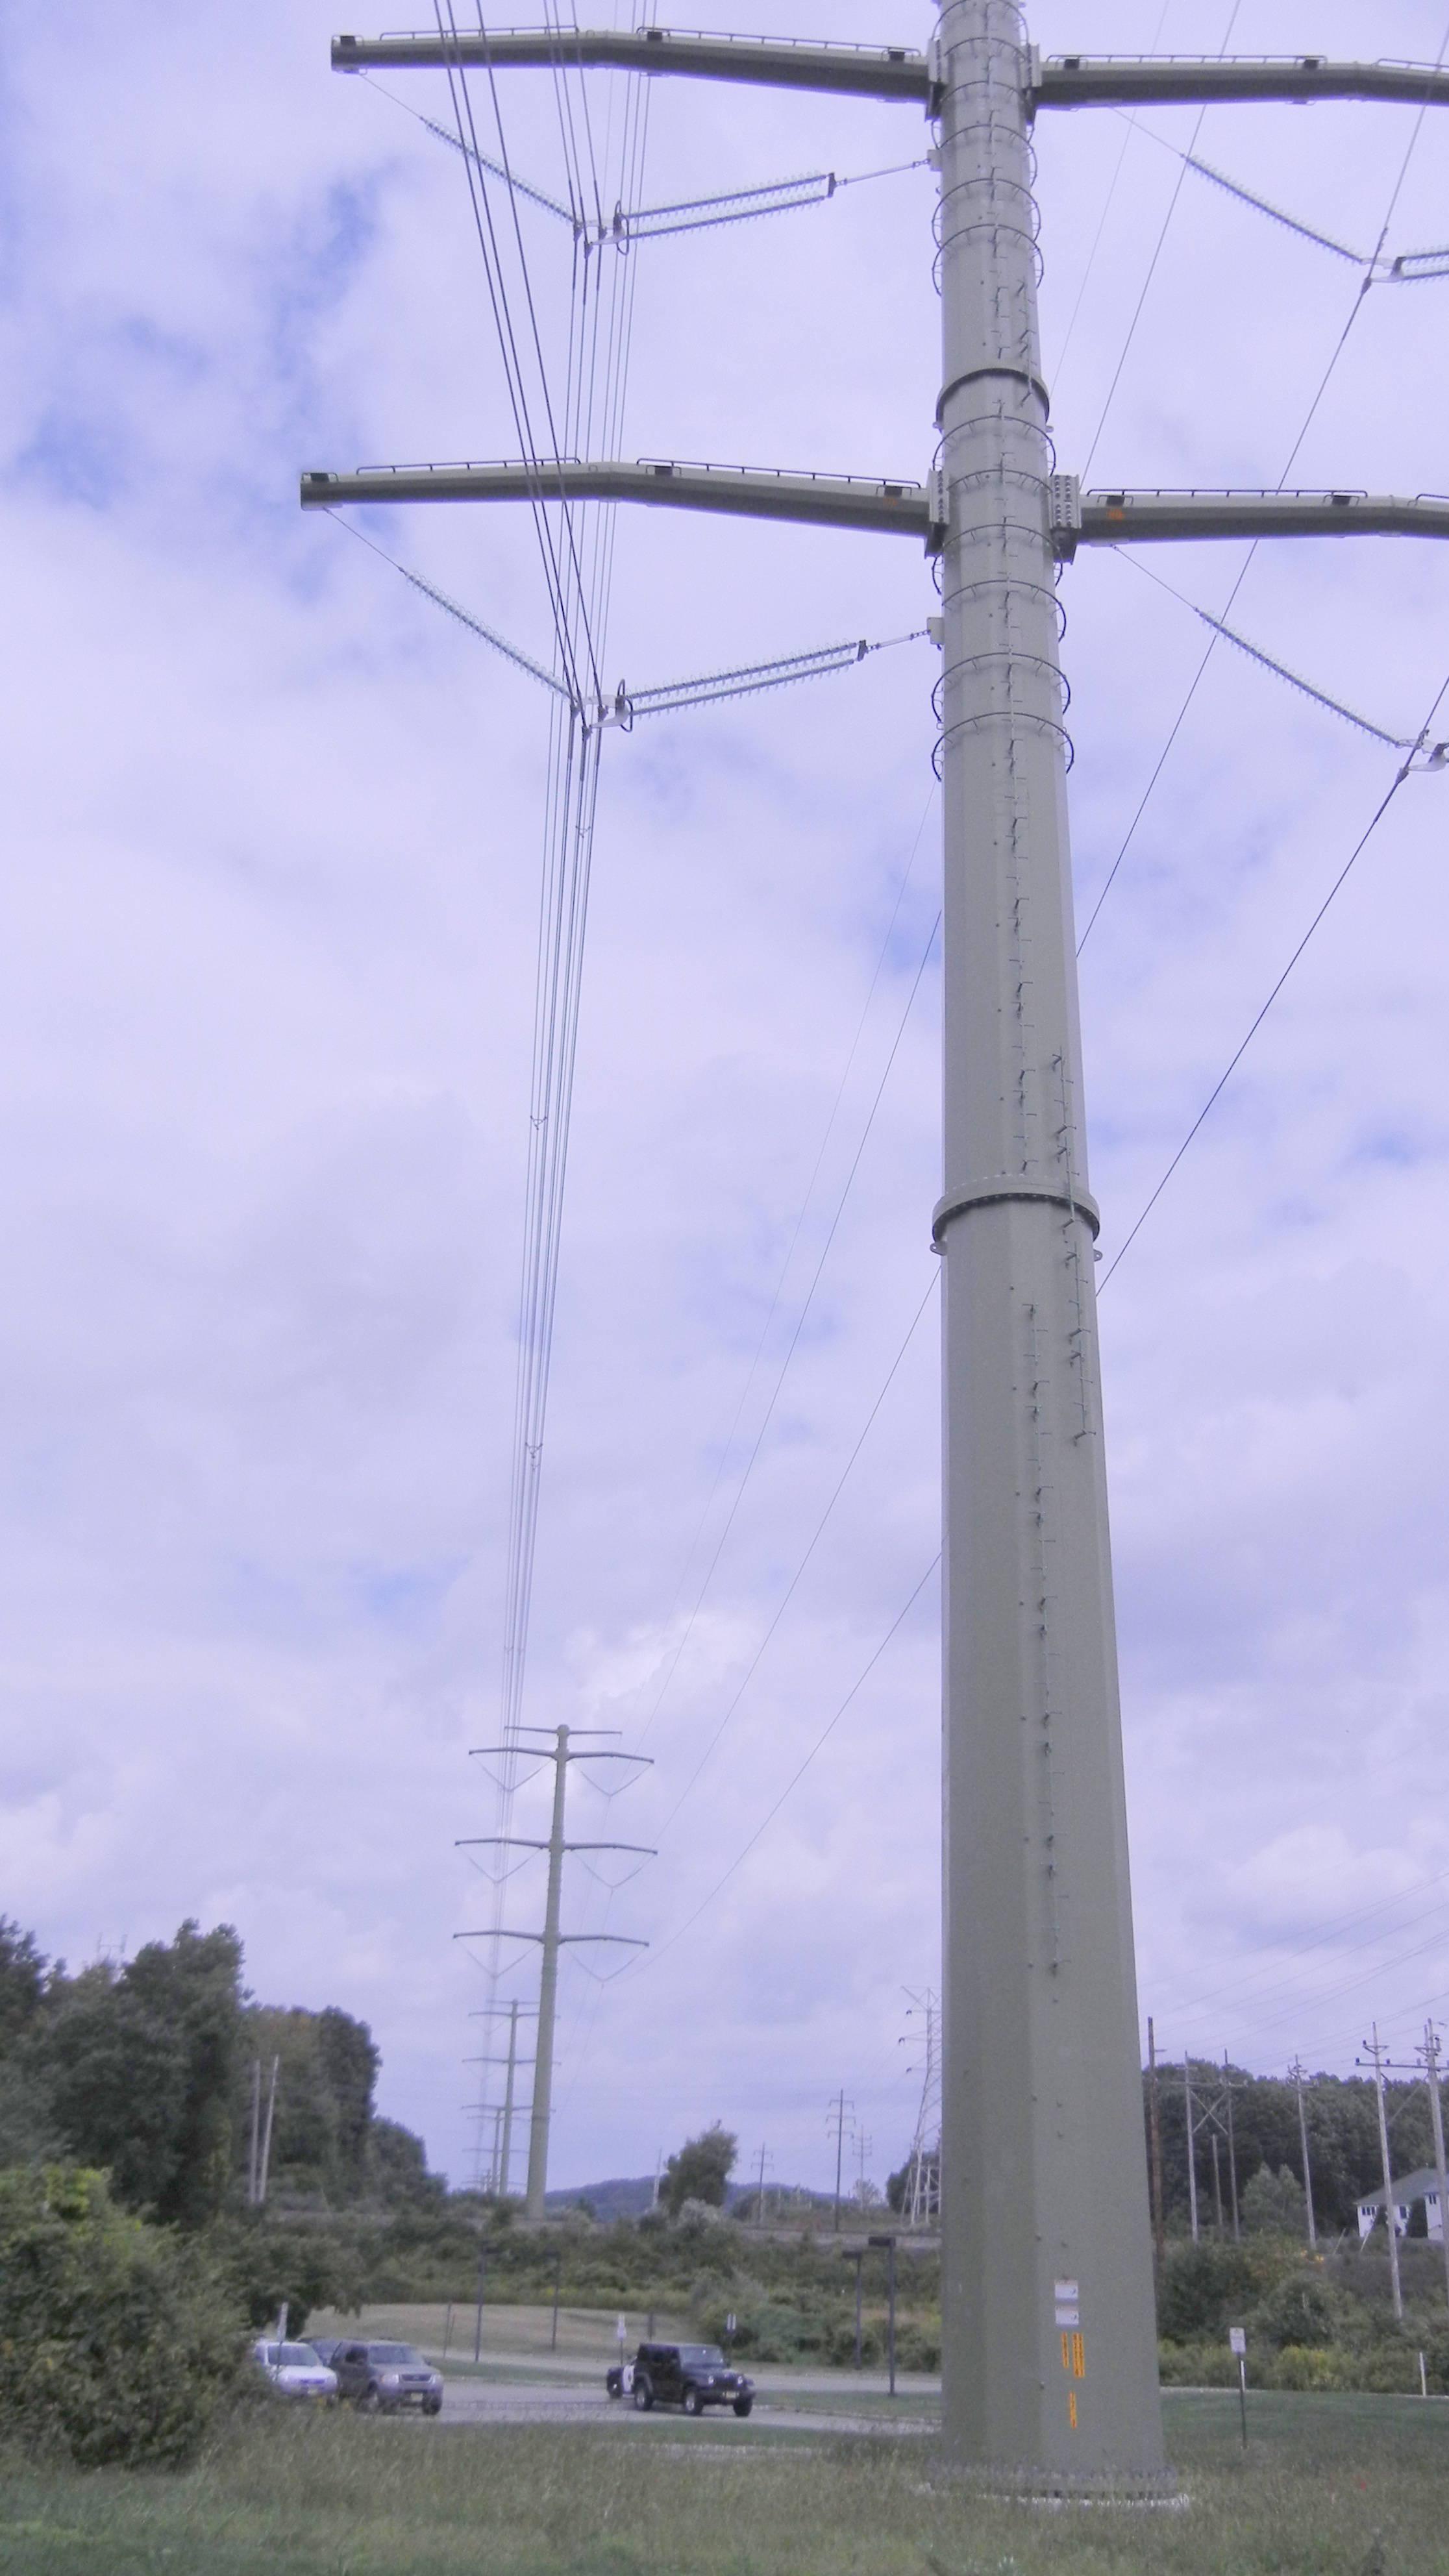 66dbf2d906a6743a65b0_power_lines_2.JPG